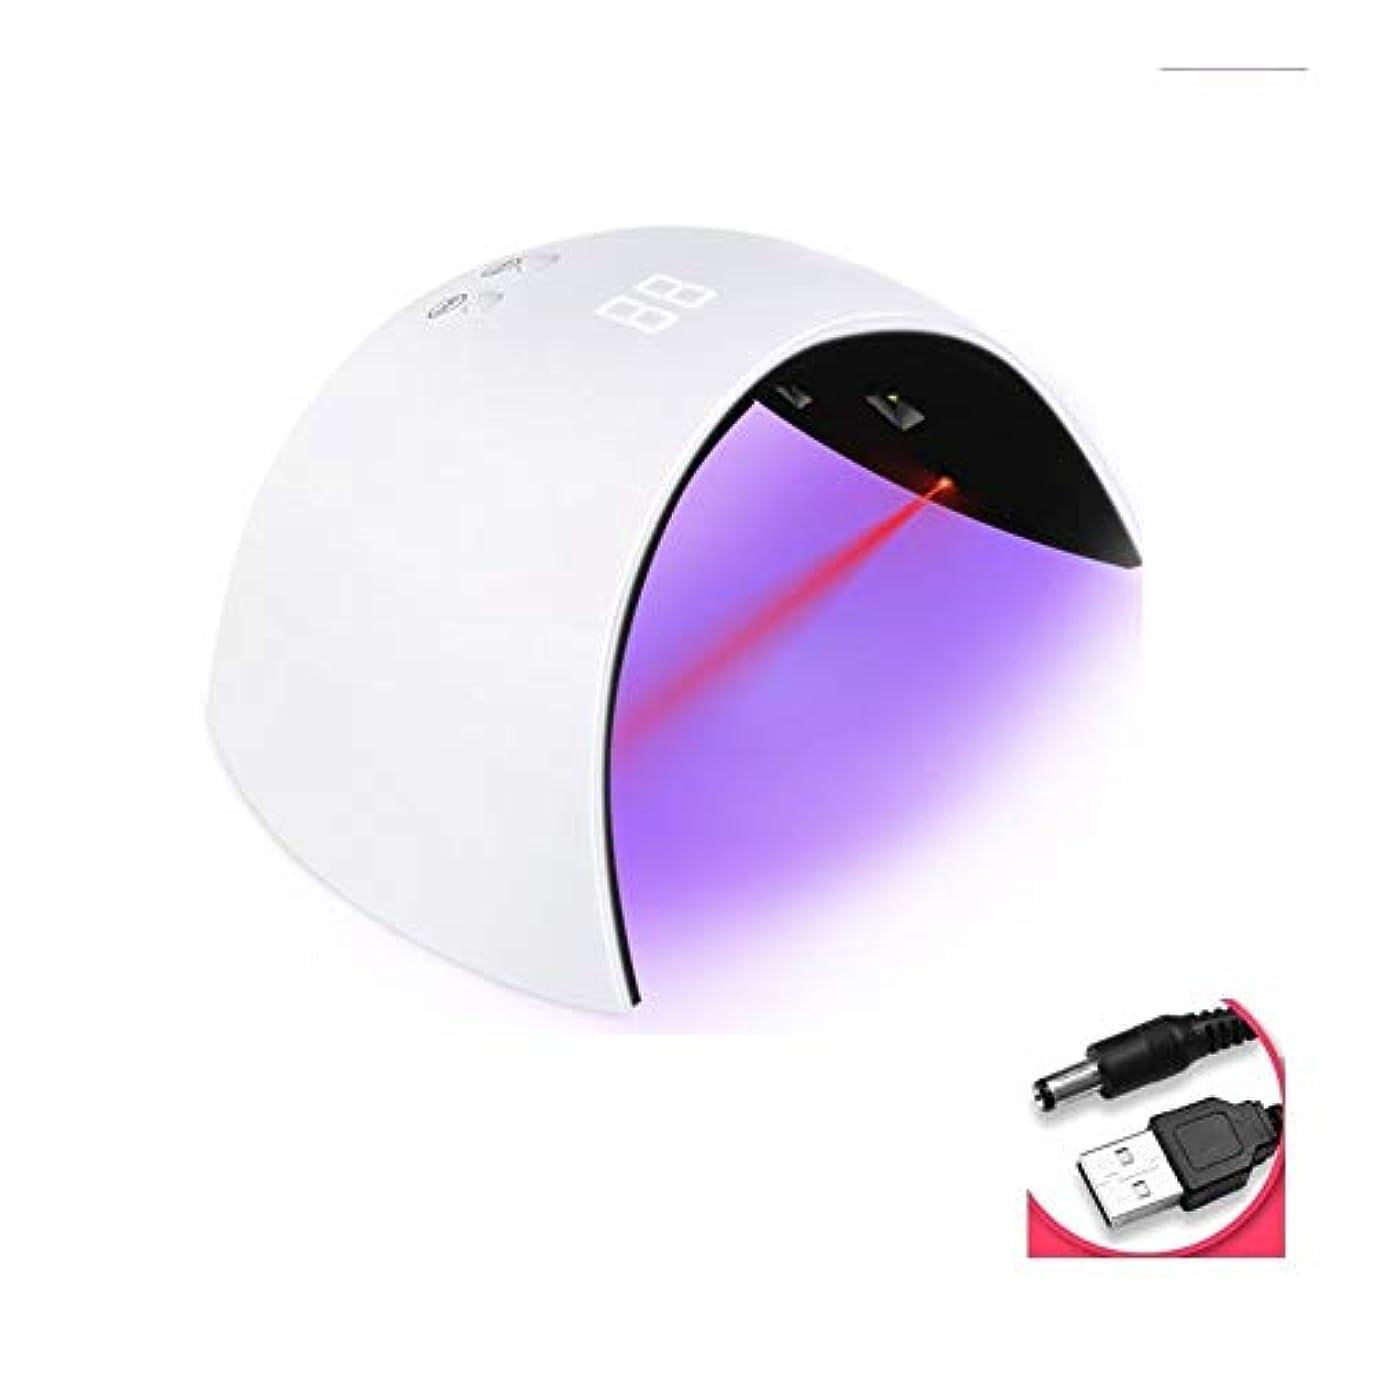 無一文しゃがむ病気LittleCat 速乾性ネイルUVランプ光線療法ネイルポリッシュプラスチックヒートランプLED工作機械ランプネイル乾燥機のセンサー (色 : 赤)